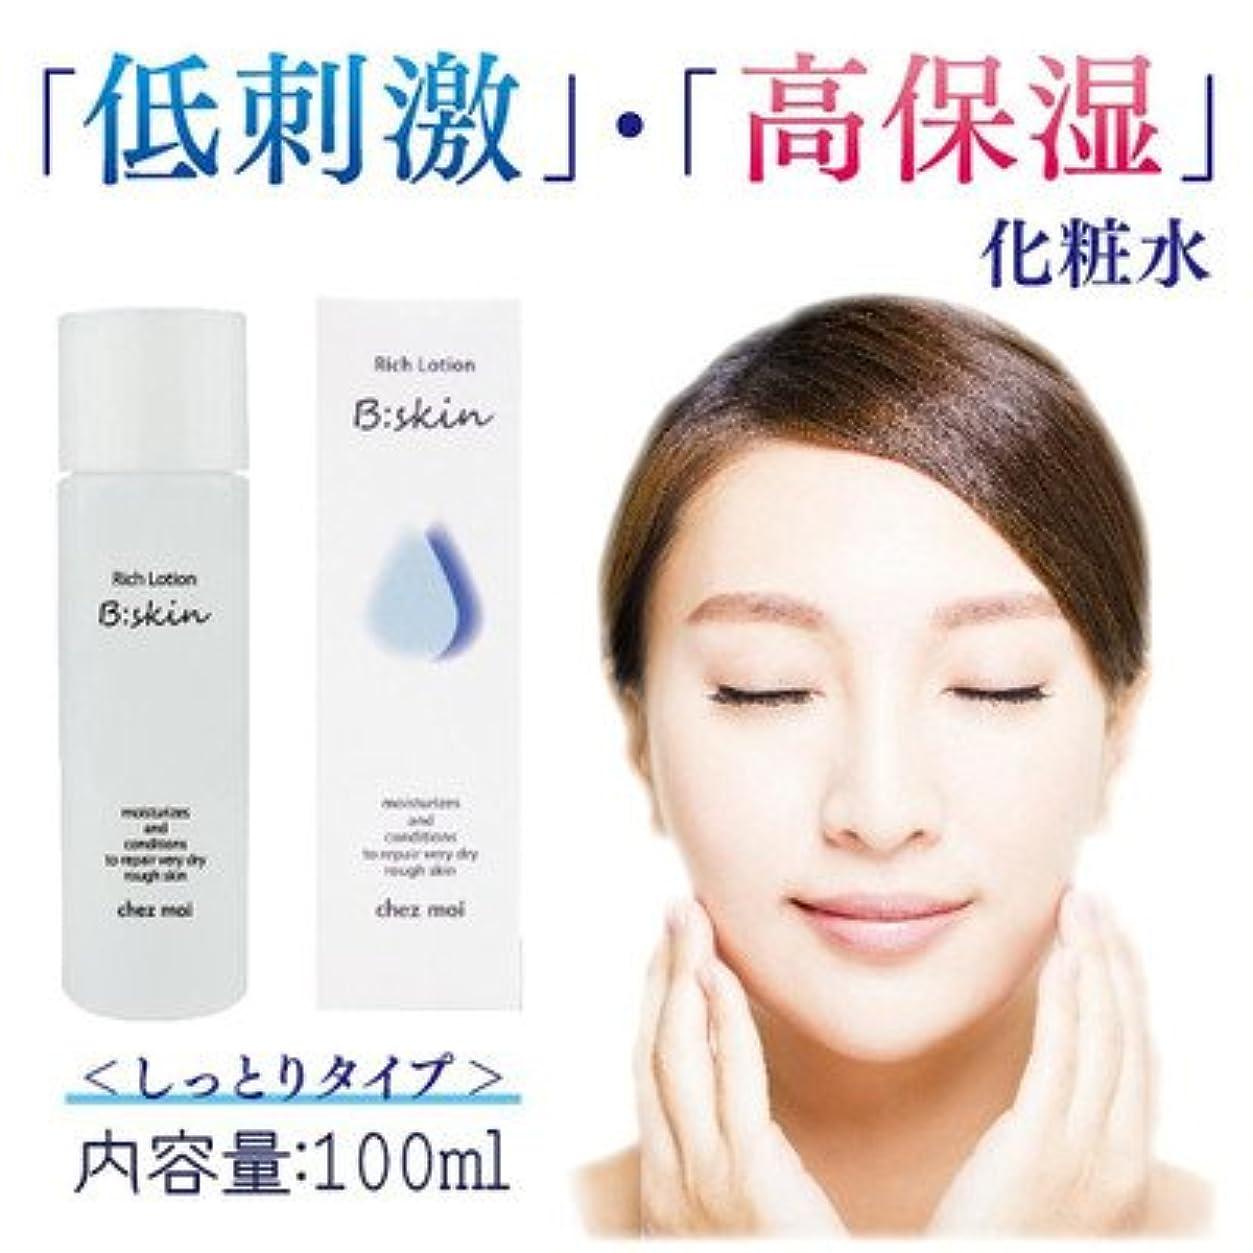 平行真空ショップ低刺激 高保湿 しっとりタイプの化粧水 B:skin ビースキン Rich Lotion リッチローション しっとりタイプ 化粧水 100mL